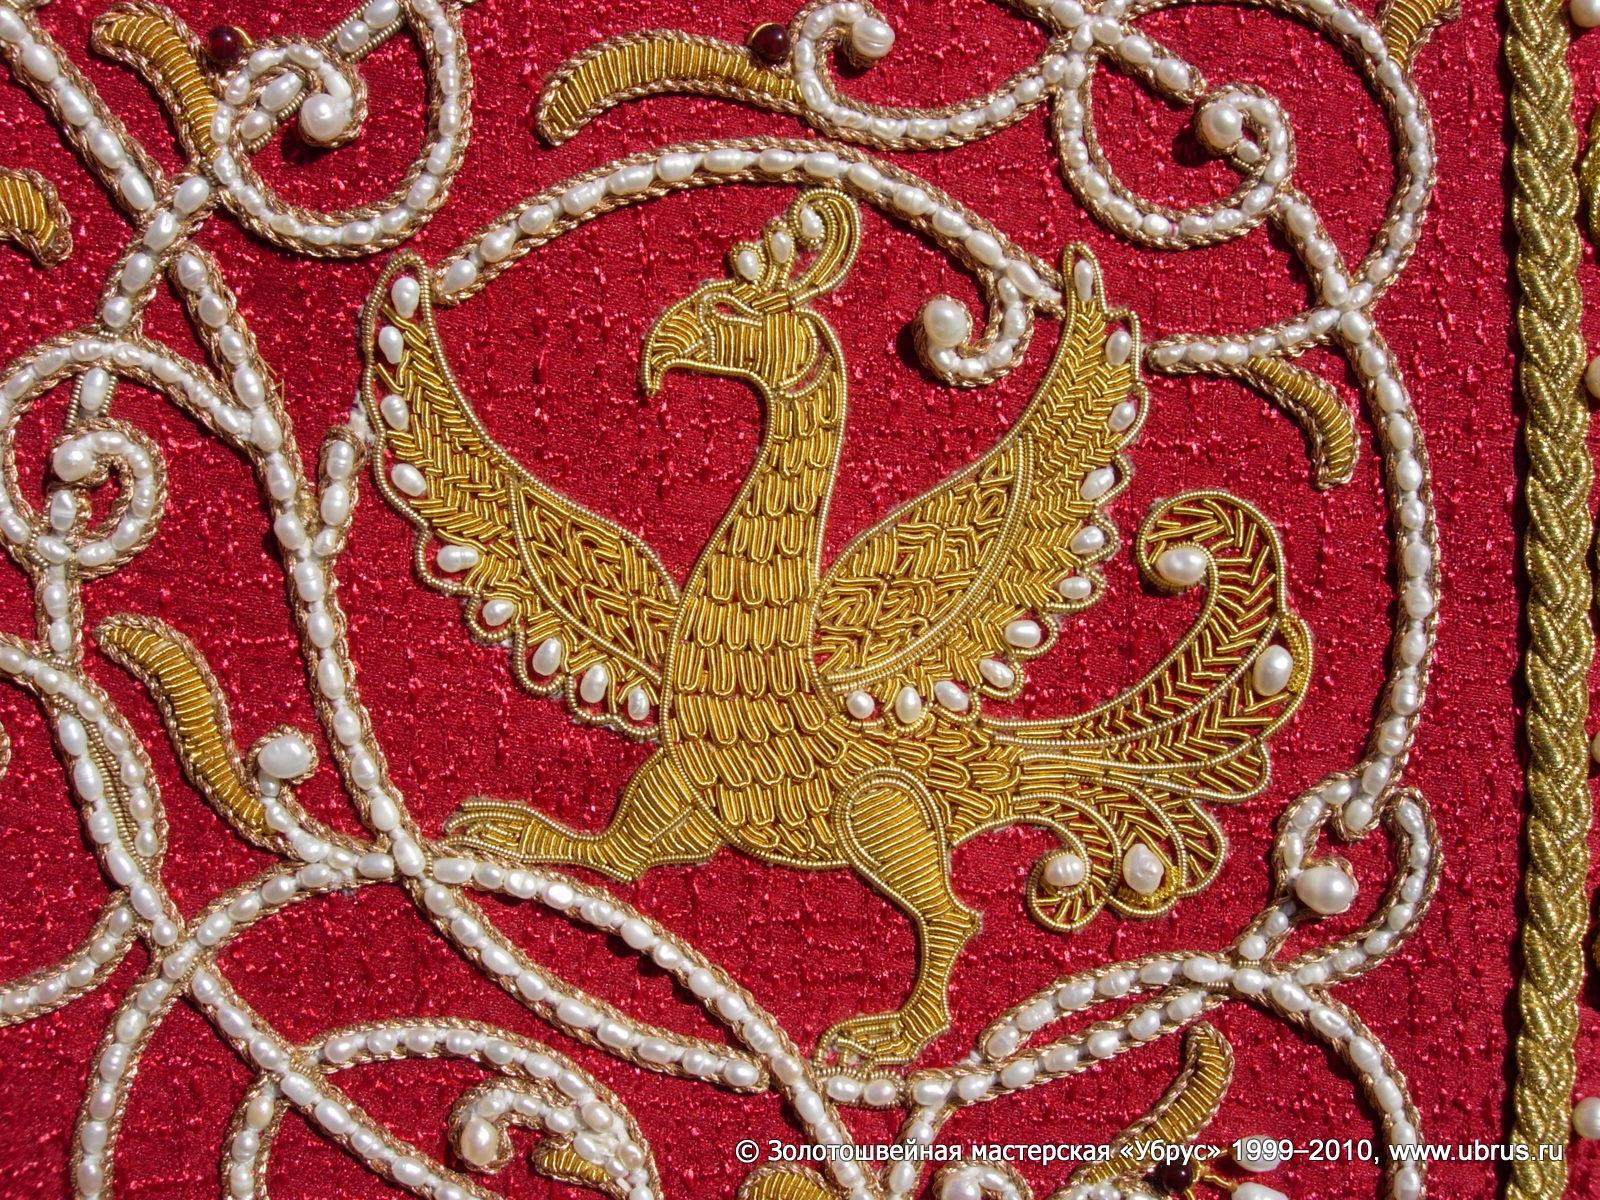 Какой Российский город с 13 века славится Золотой вышивкой по материи? 78